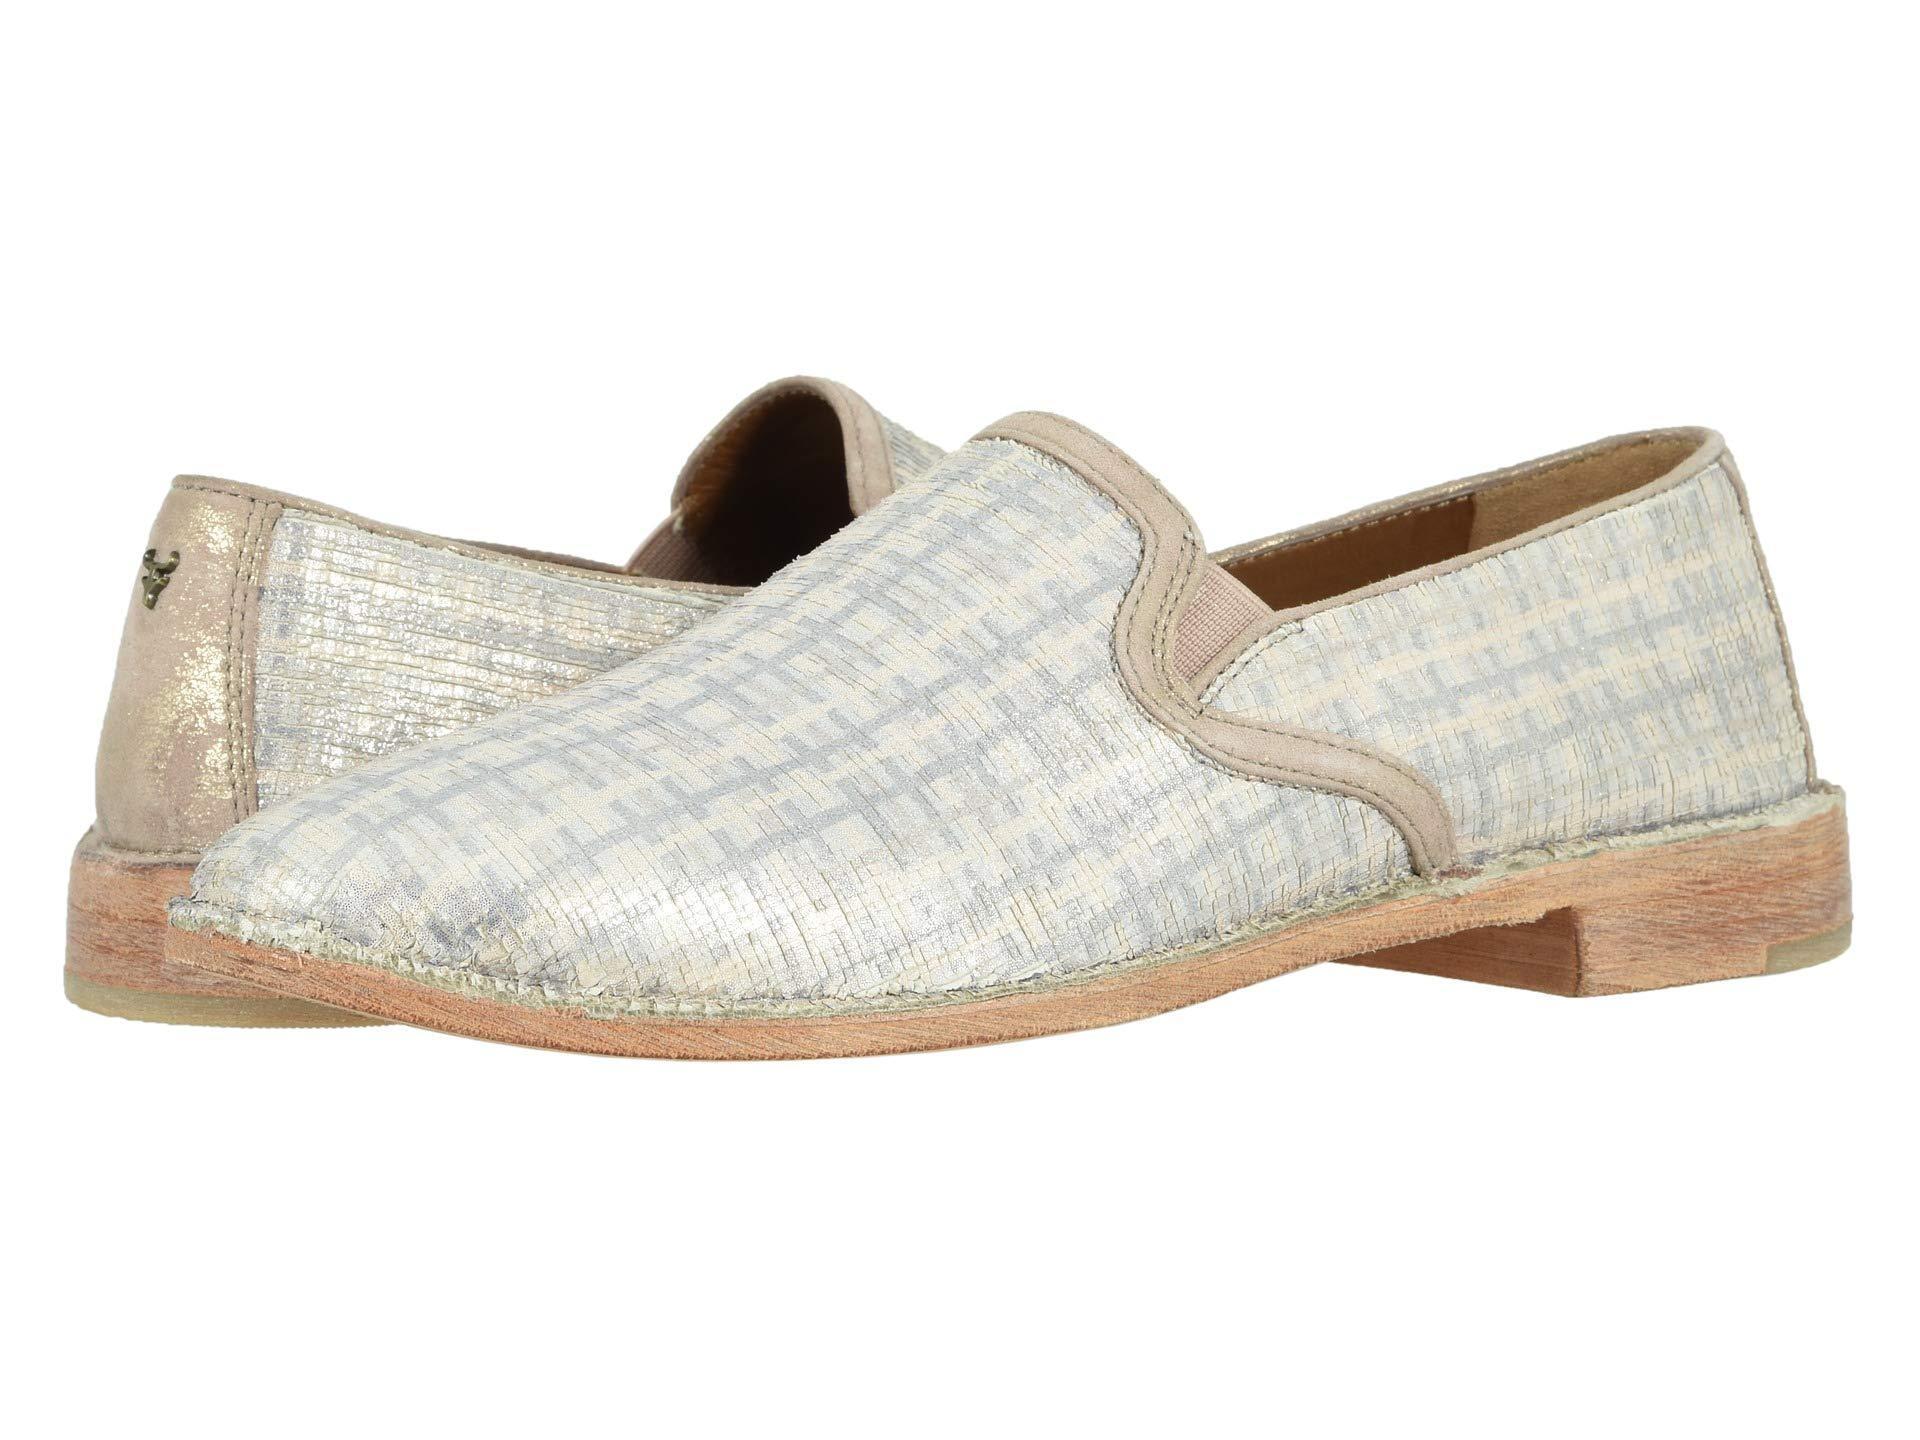 a73fe457b0c Lyst - Trask Ali (bone) Women s Shoes